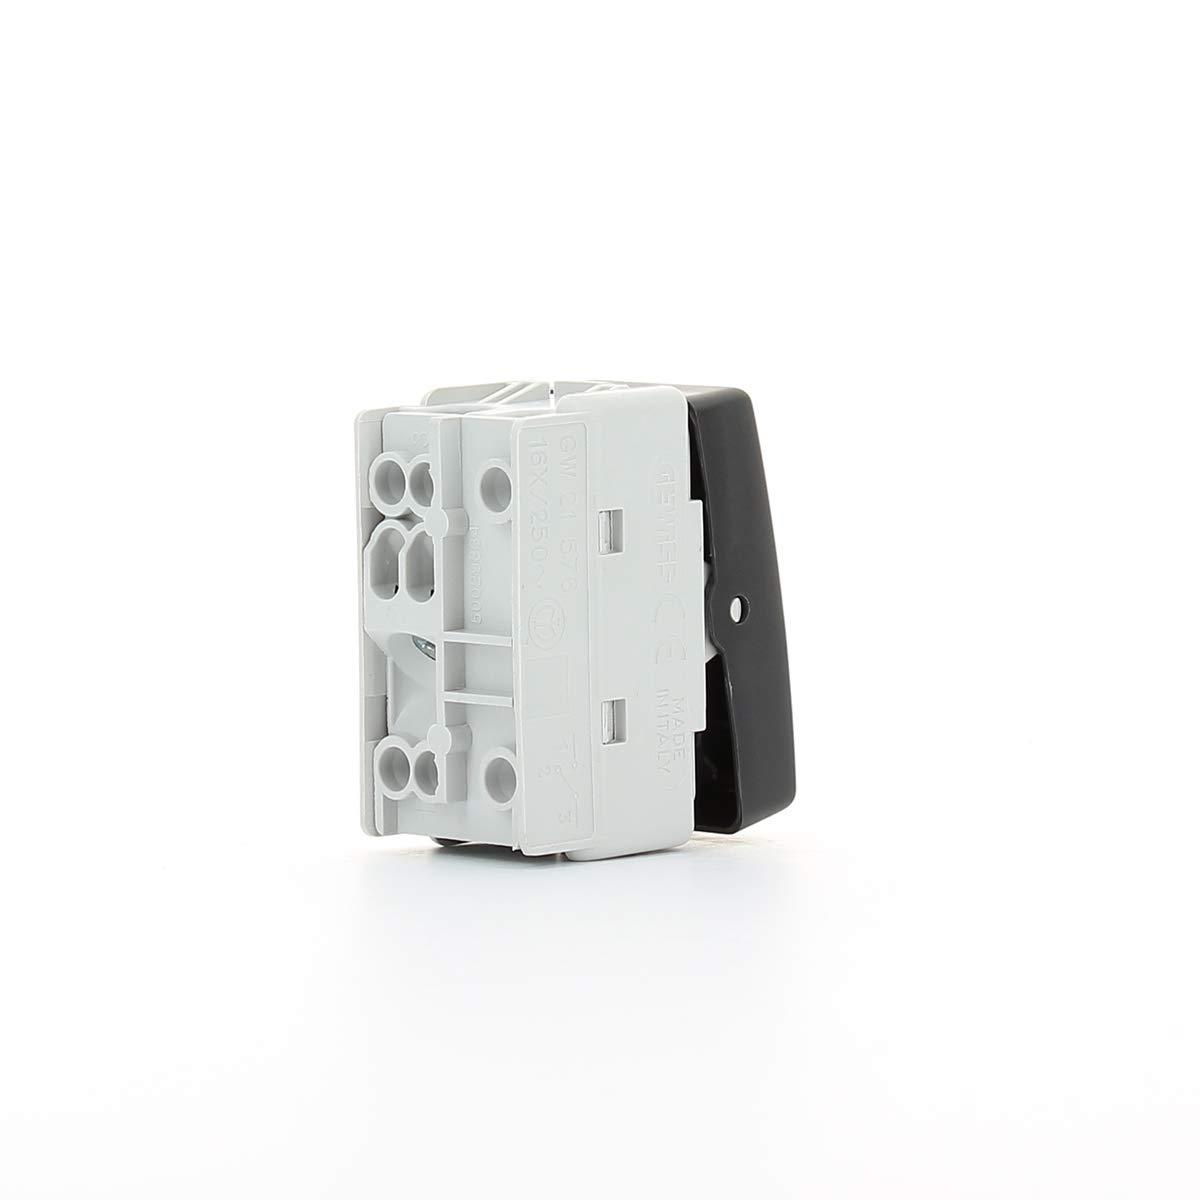 s Gewiss GW21571 1module interruttore automatico